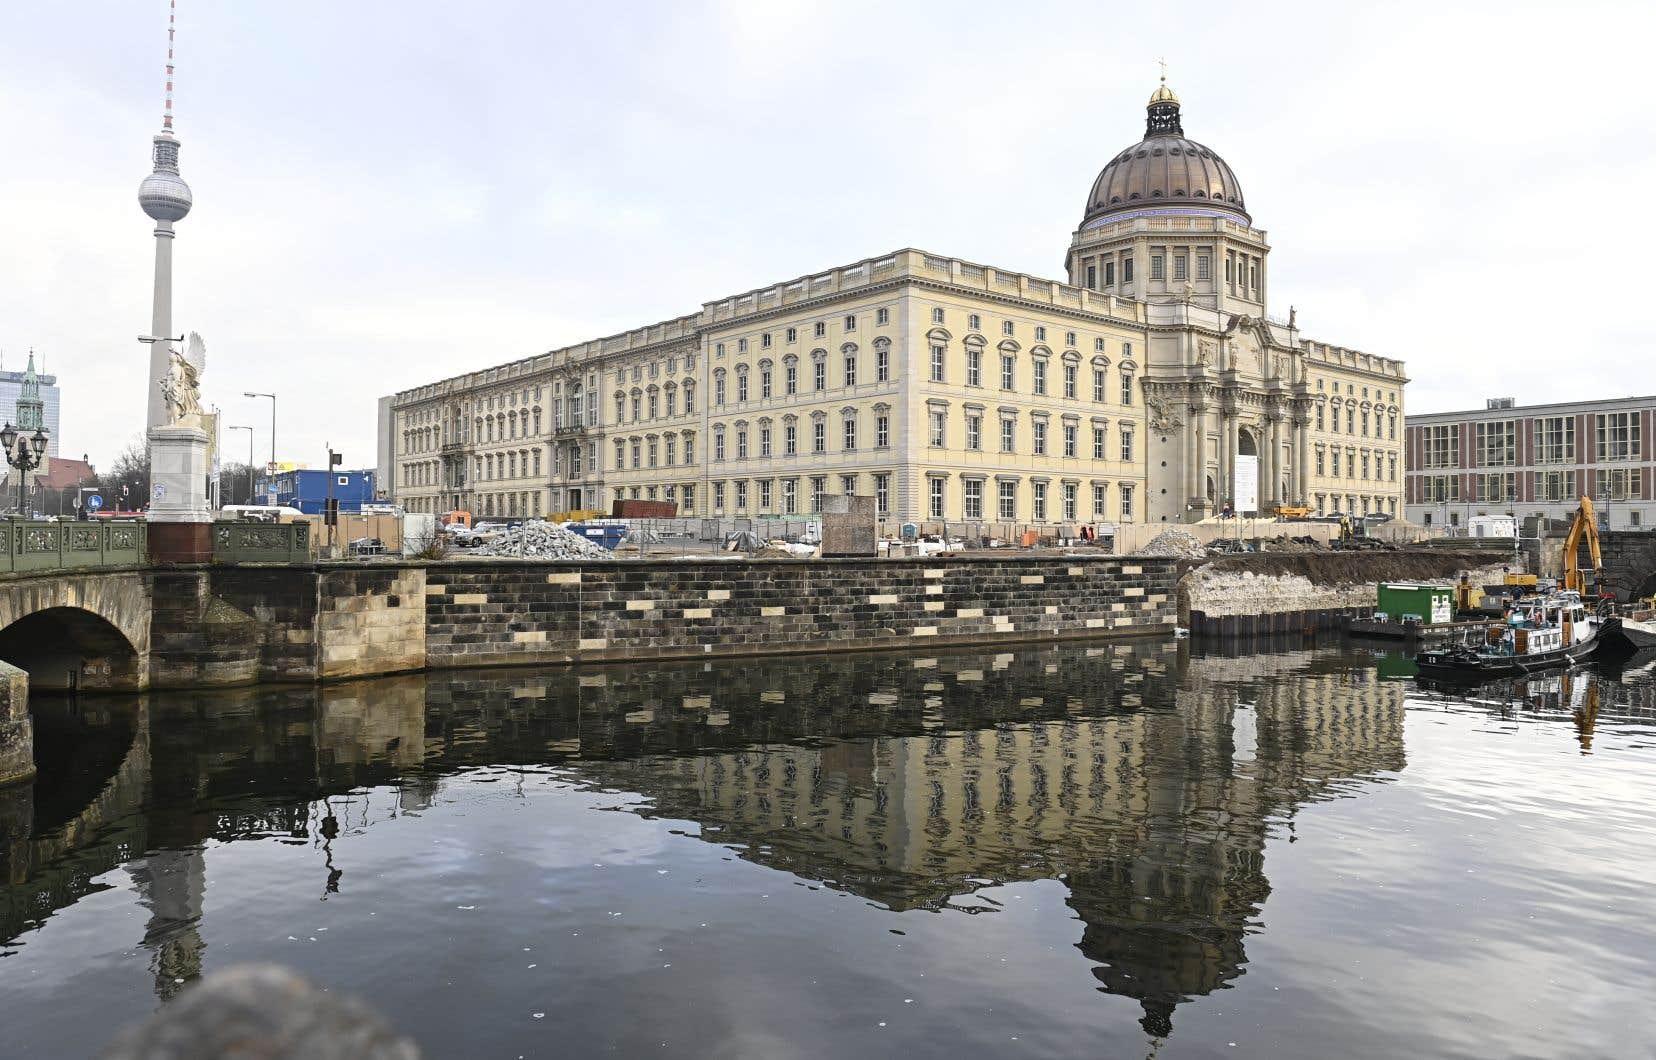 Le musée ethnographique du Forum Humboldt de Berlin (sur la photo), qui devrait accueillir cette année ses premiers visiteurs après une rénovation complète, possède environ 530 objets historiques dont plus de 400 bronzes issus de l'ancien Royaume du Bénin.